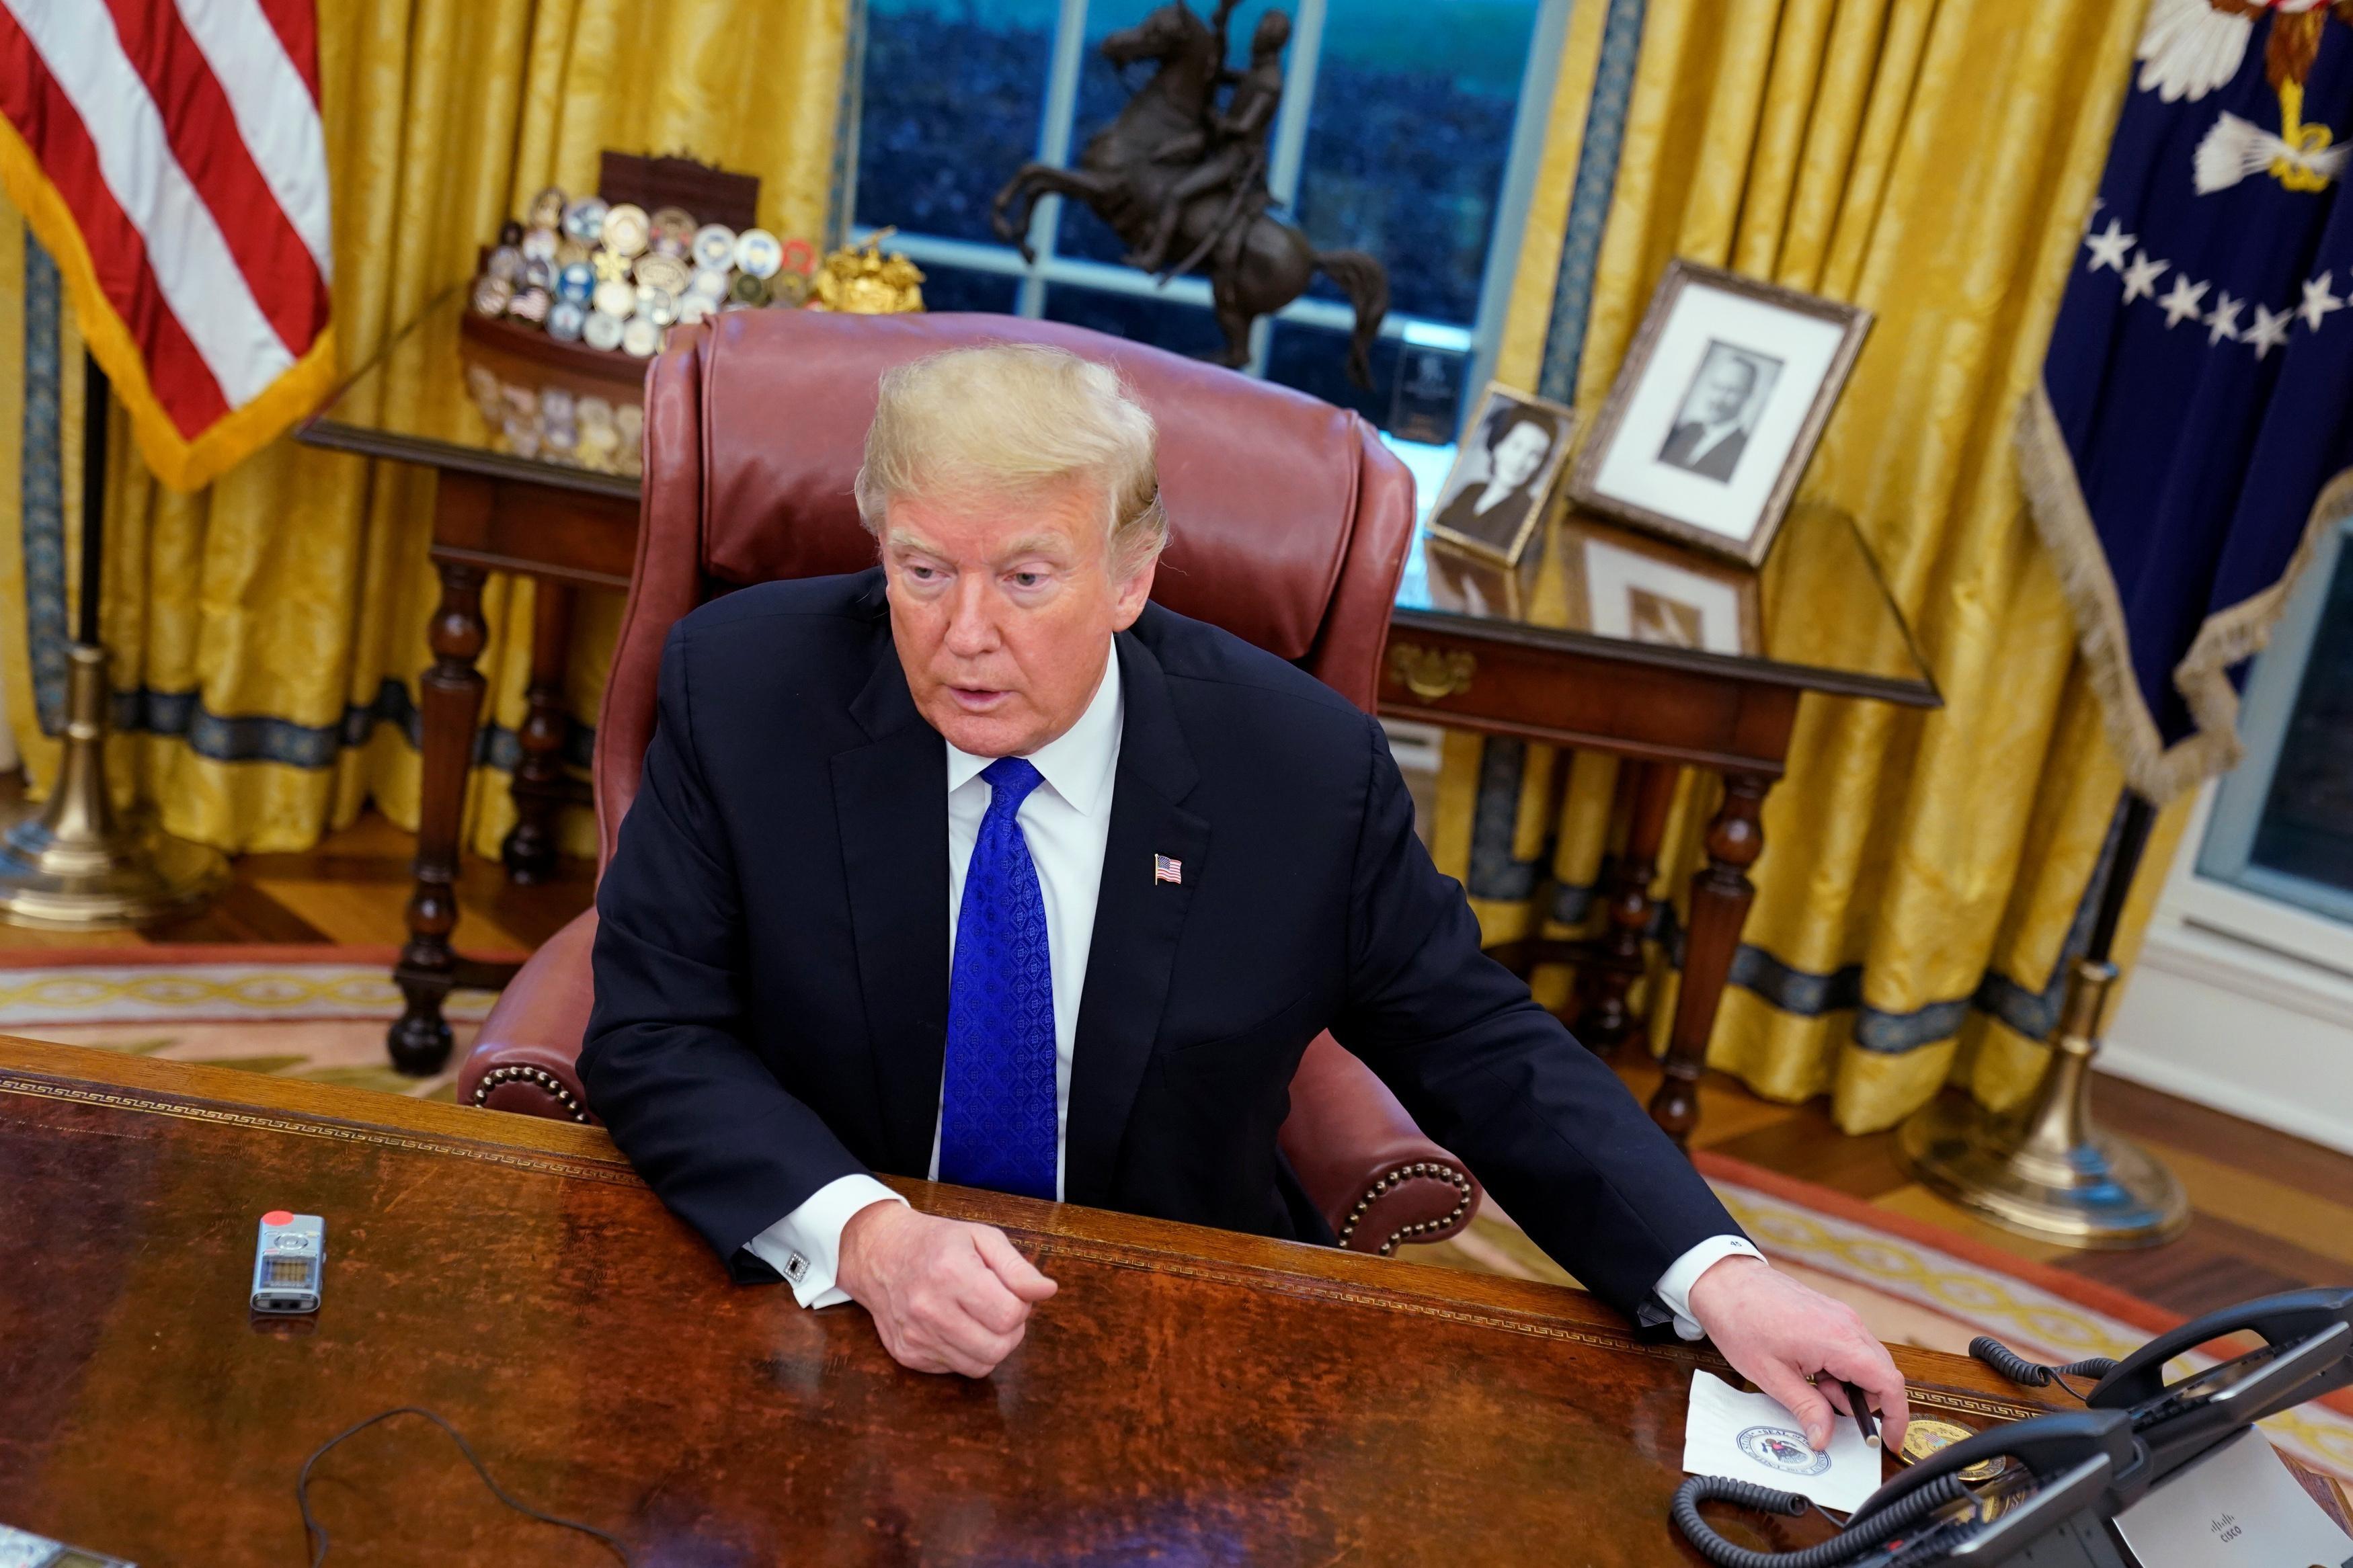 Tổng thống Trump phớt lờ lời khuyên từ Ngũ Giác Đài và can thiệp vào các vụ án liên quan đến tội ác chiến tranh